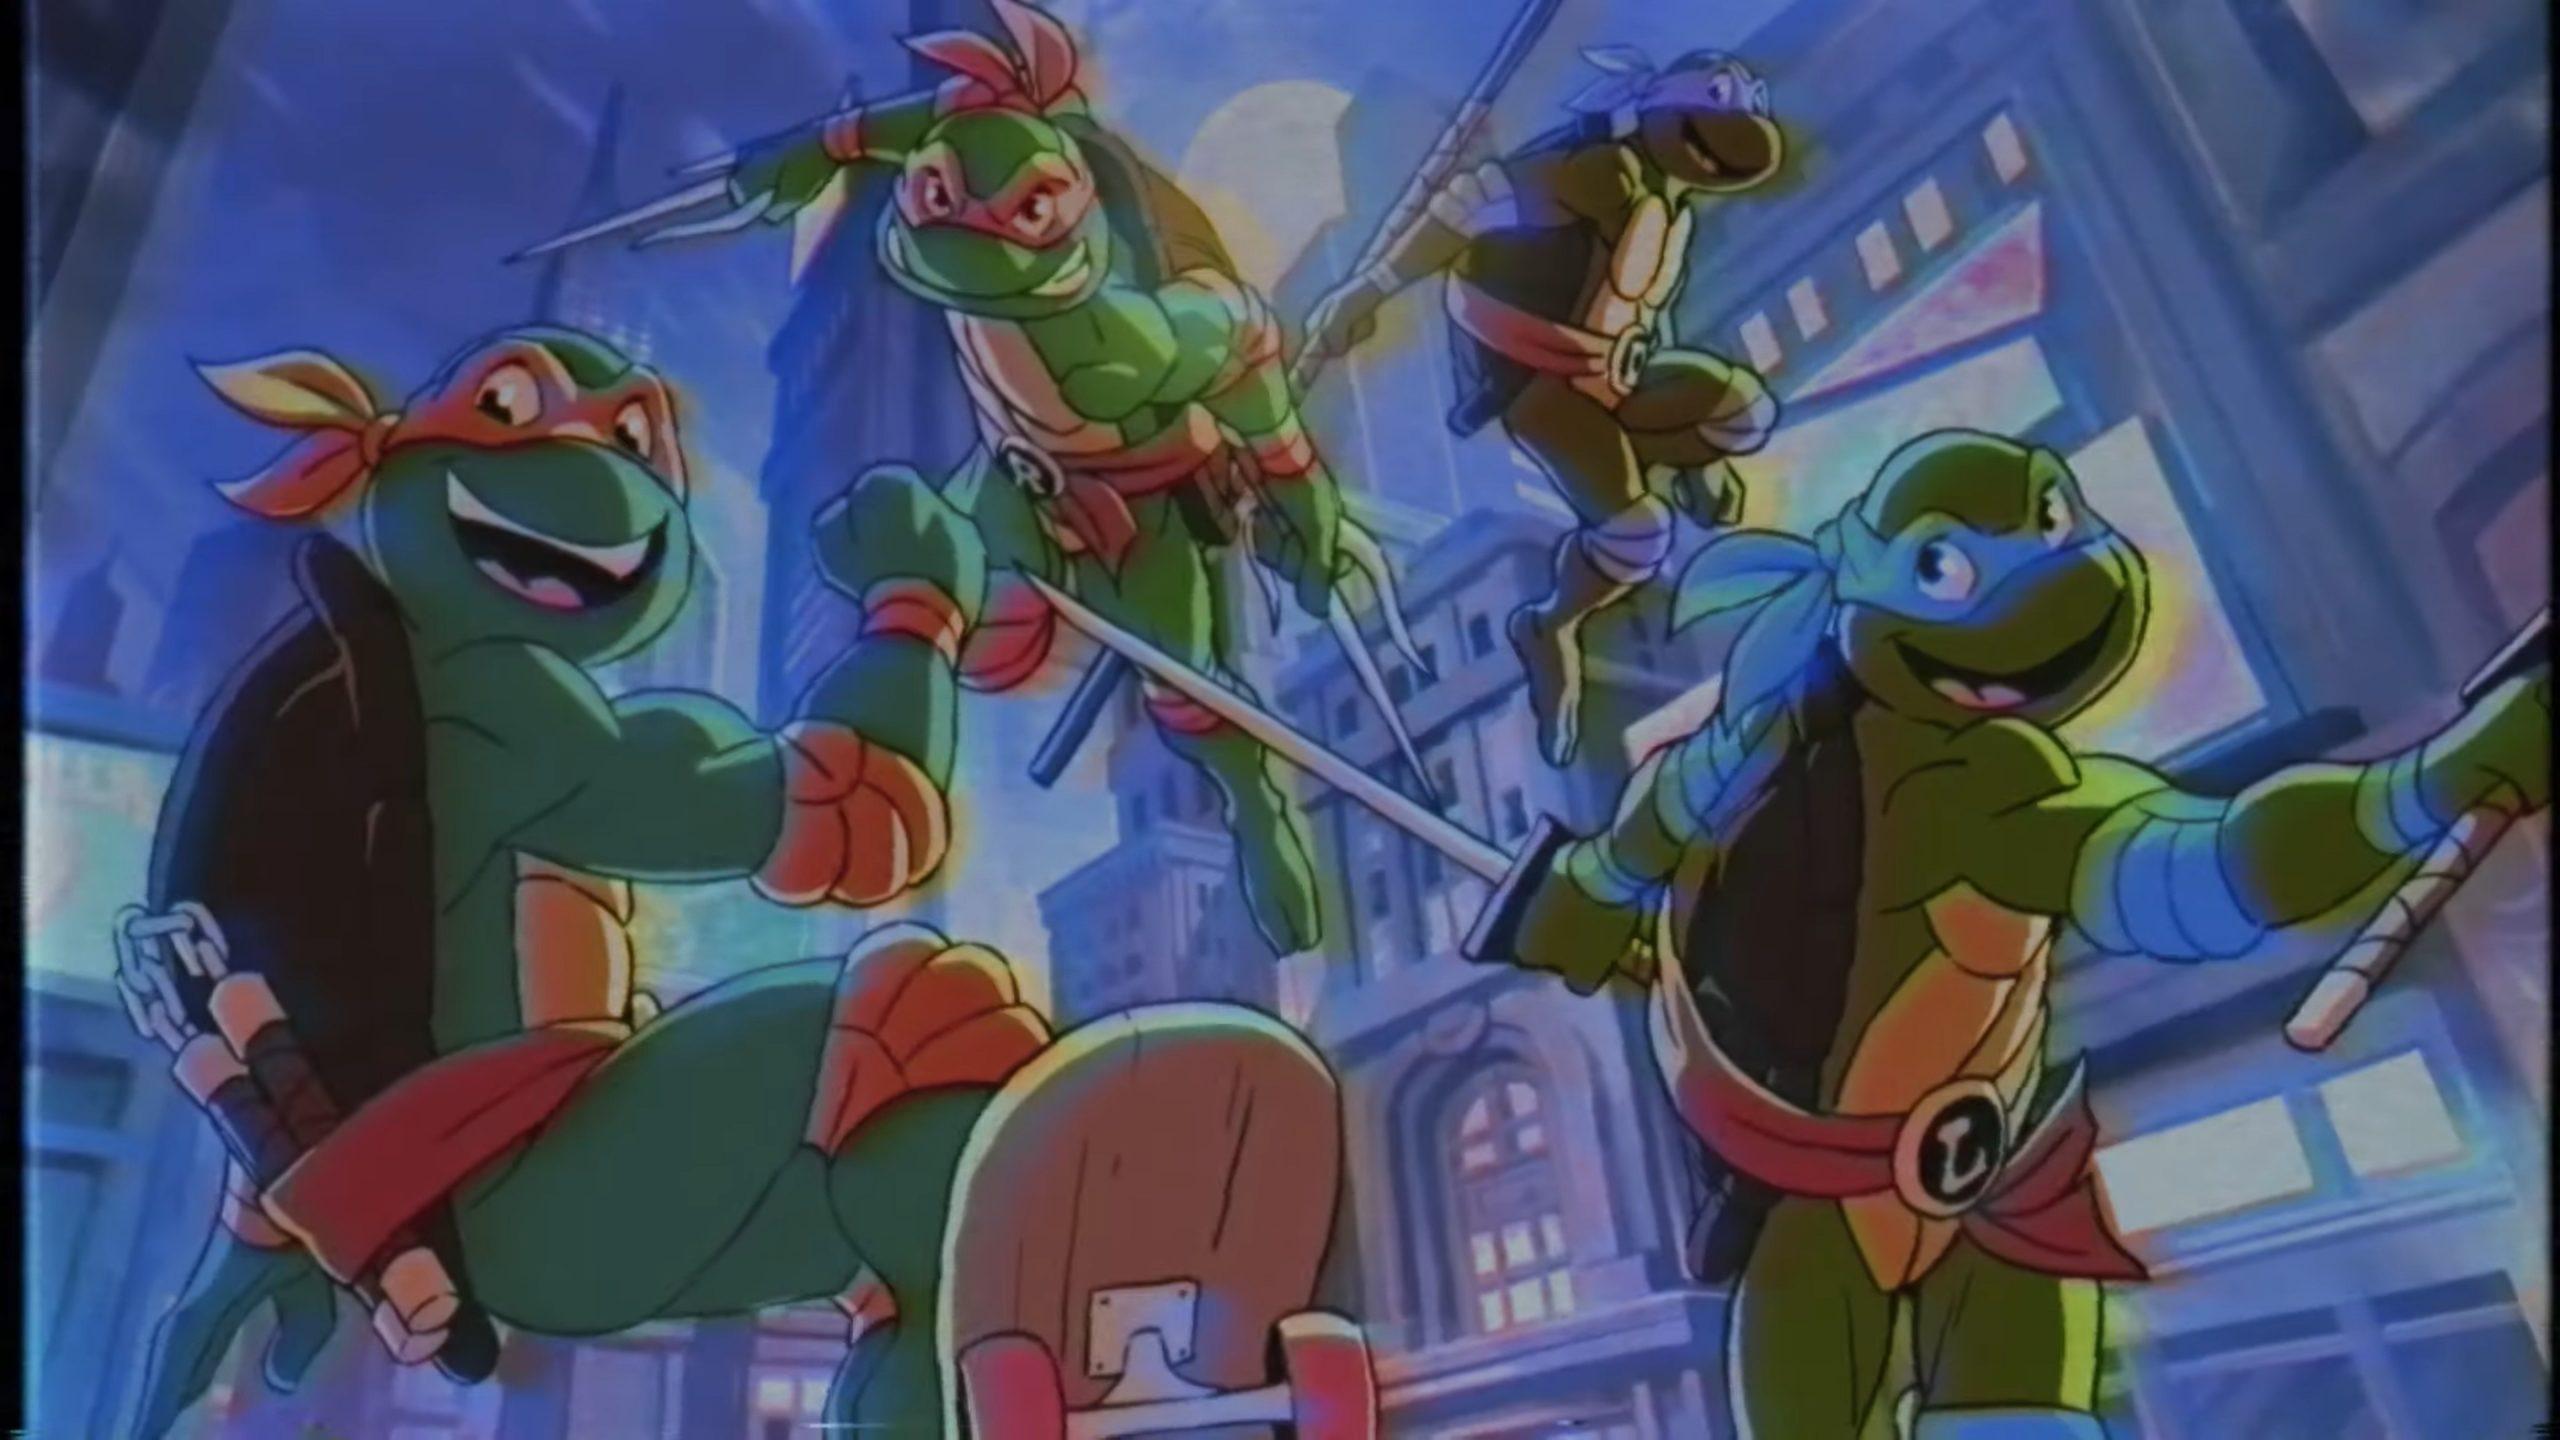 Brawlhalla Teenage Mutant Ninja Turtles